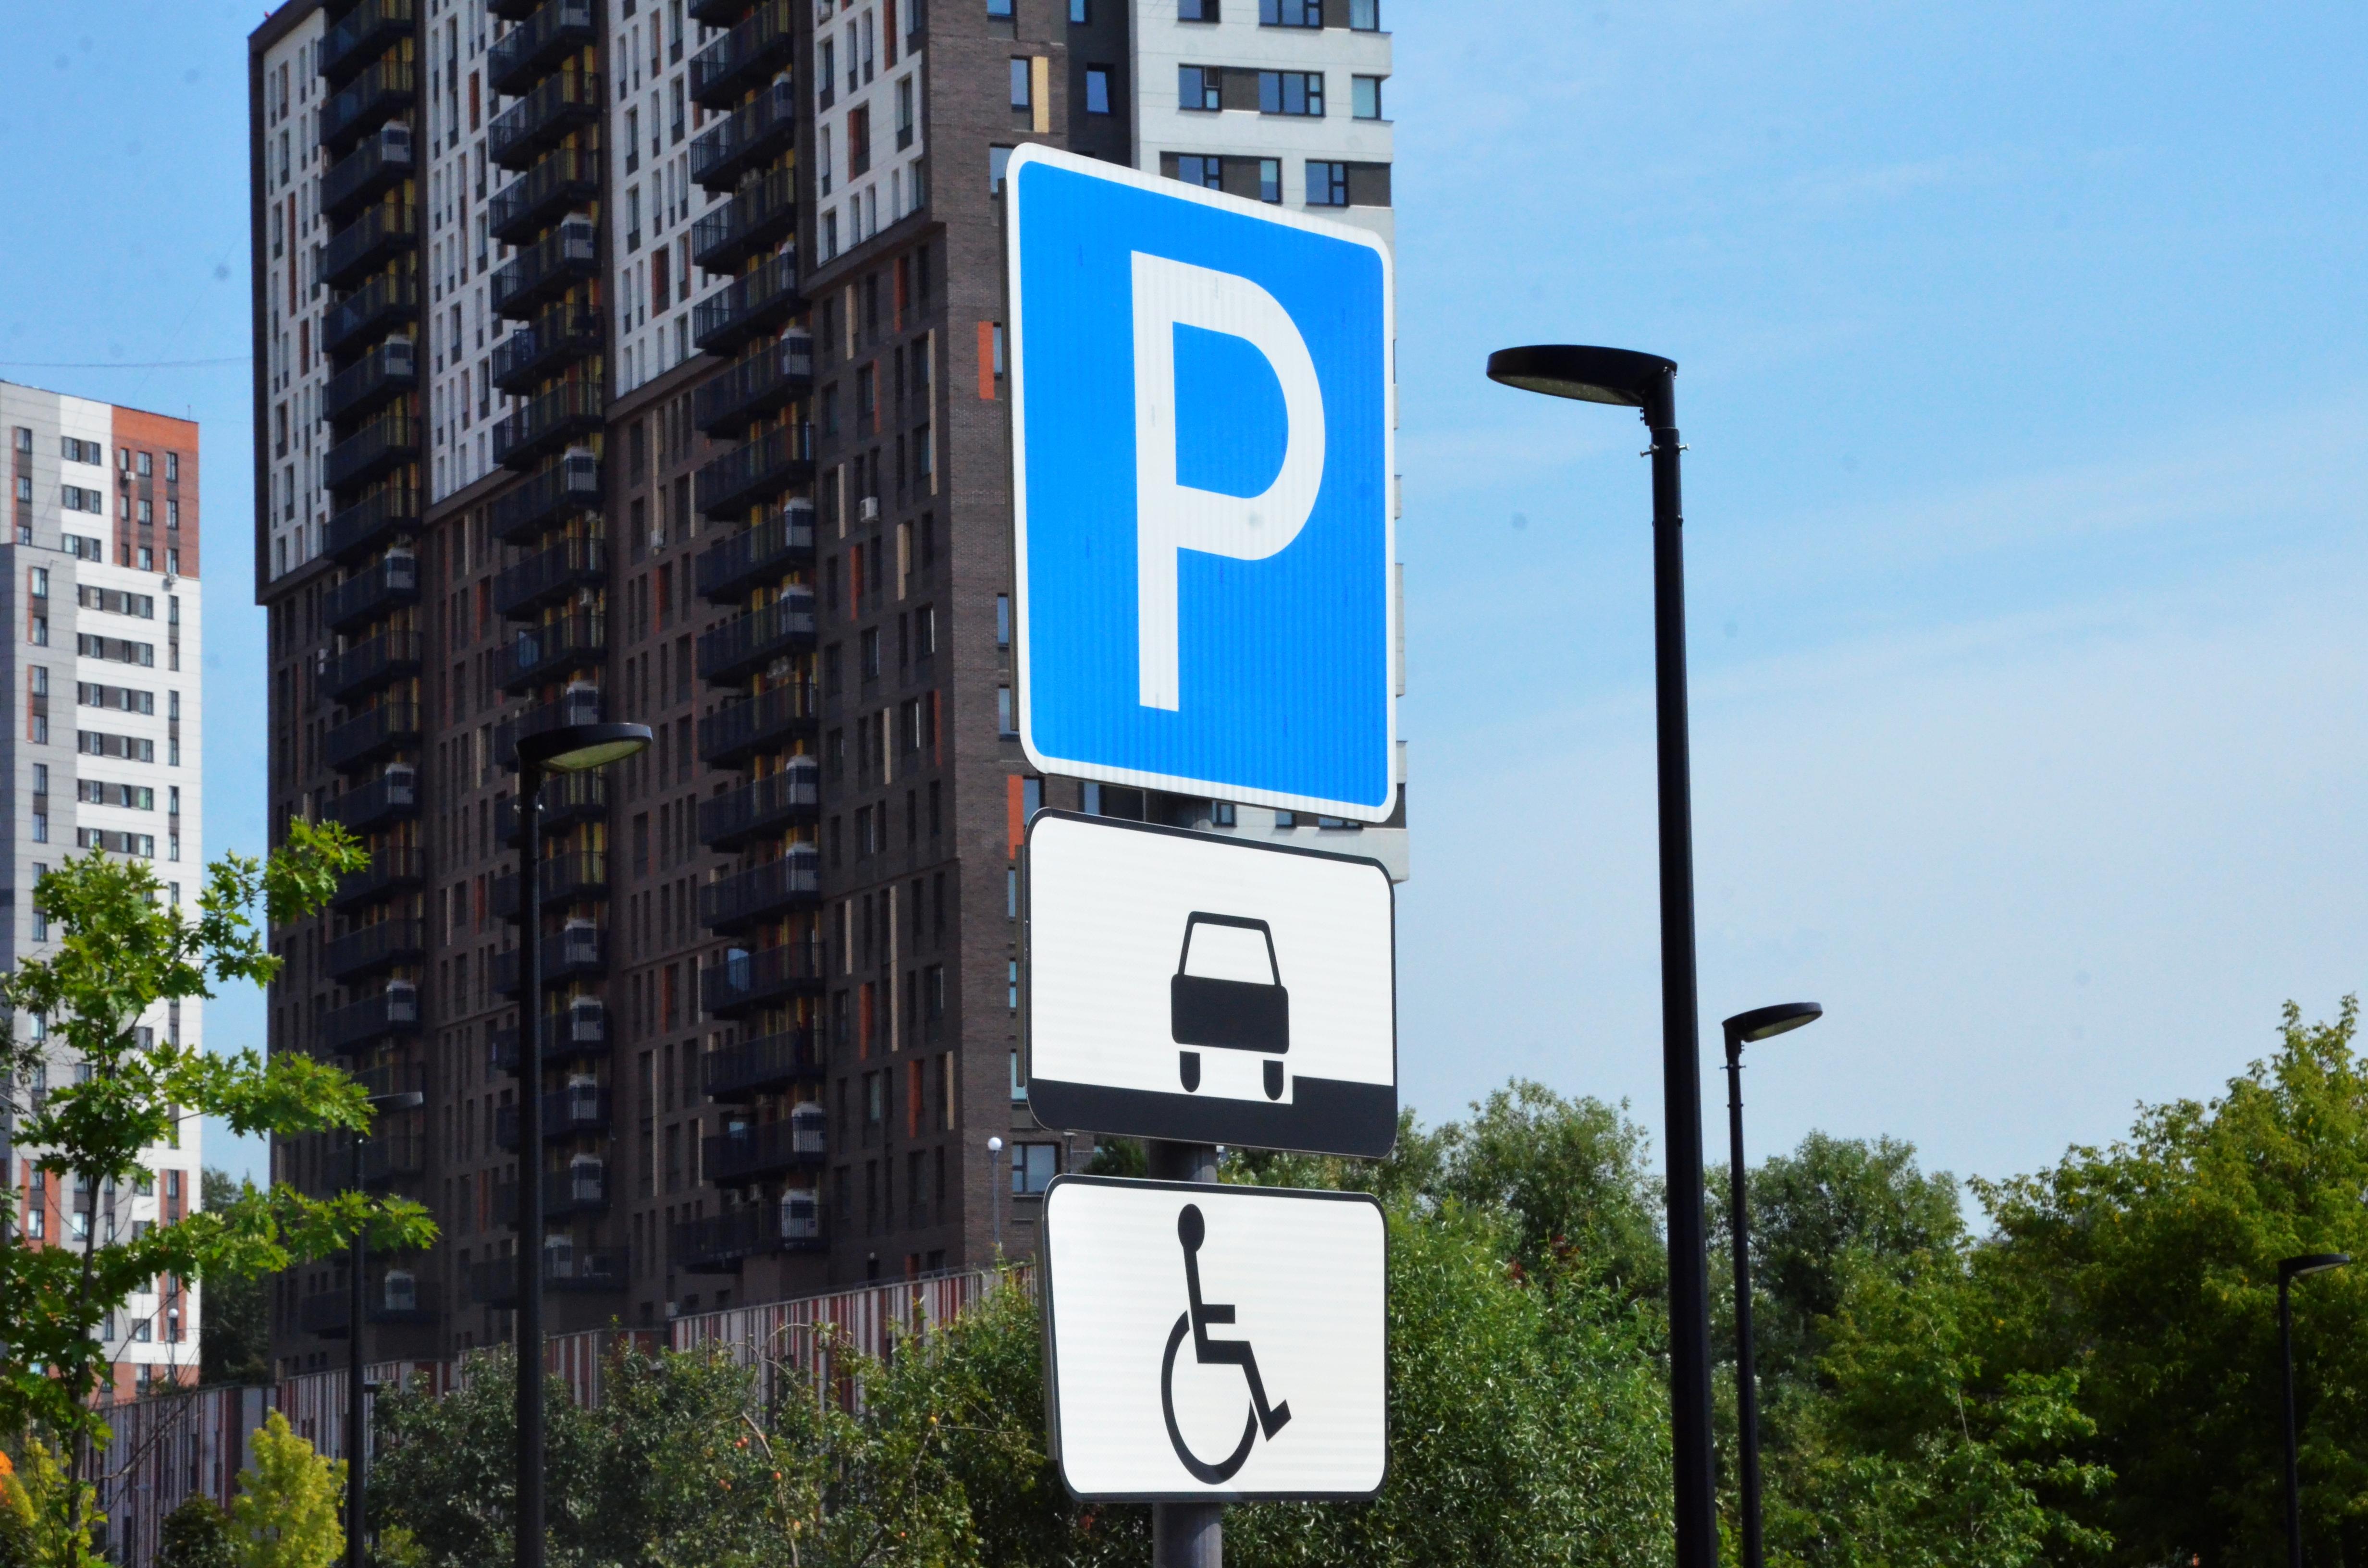 Доступная среда: новые парковочные места для людей с ограниченными возможностями здоровья появились в Марушкинском